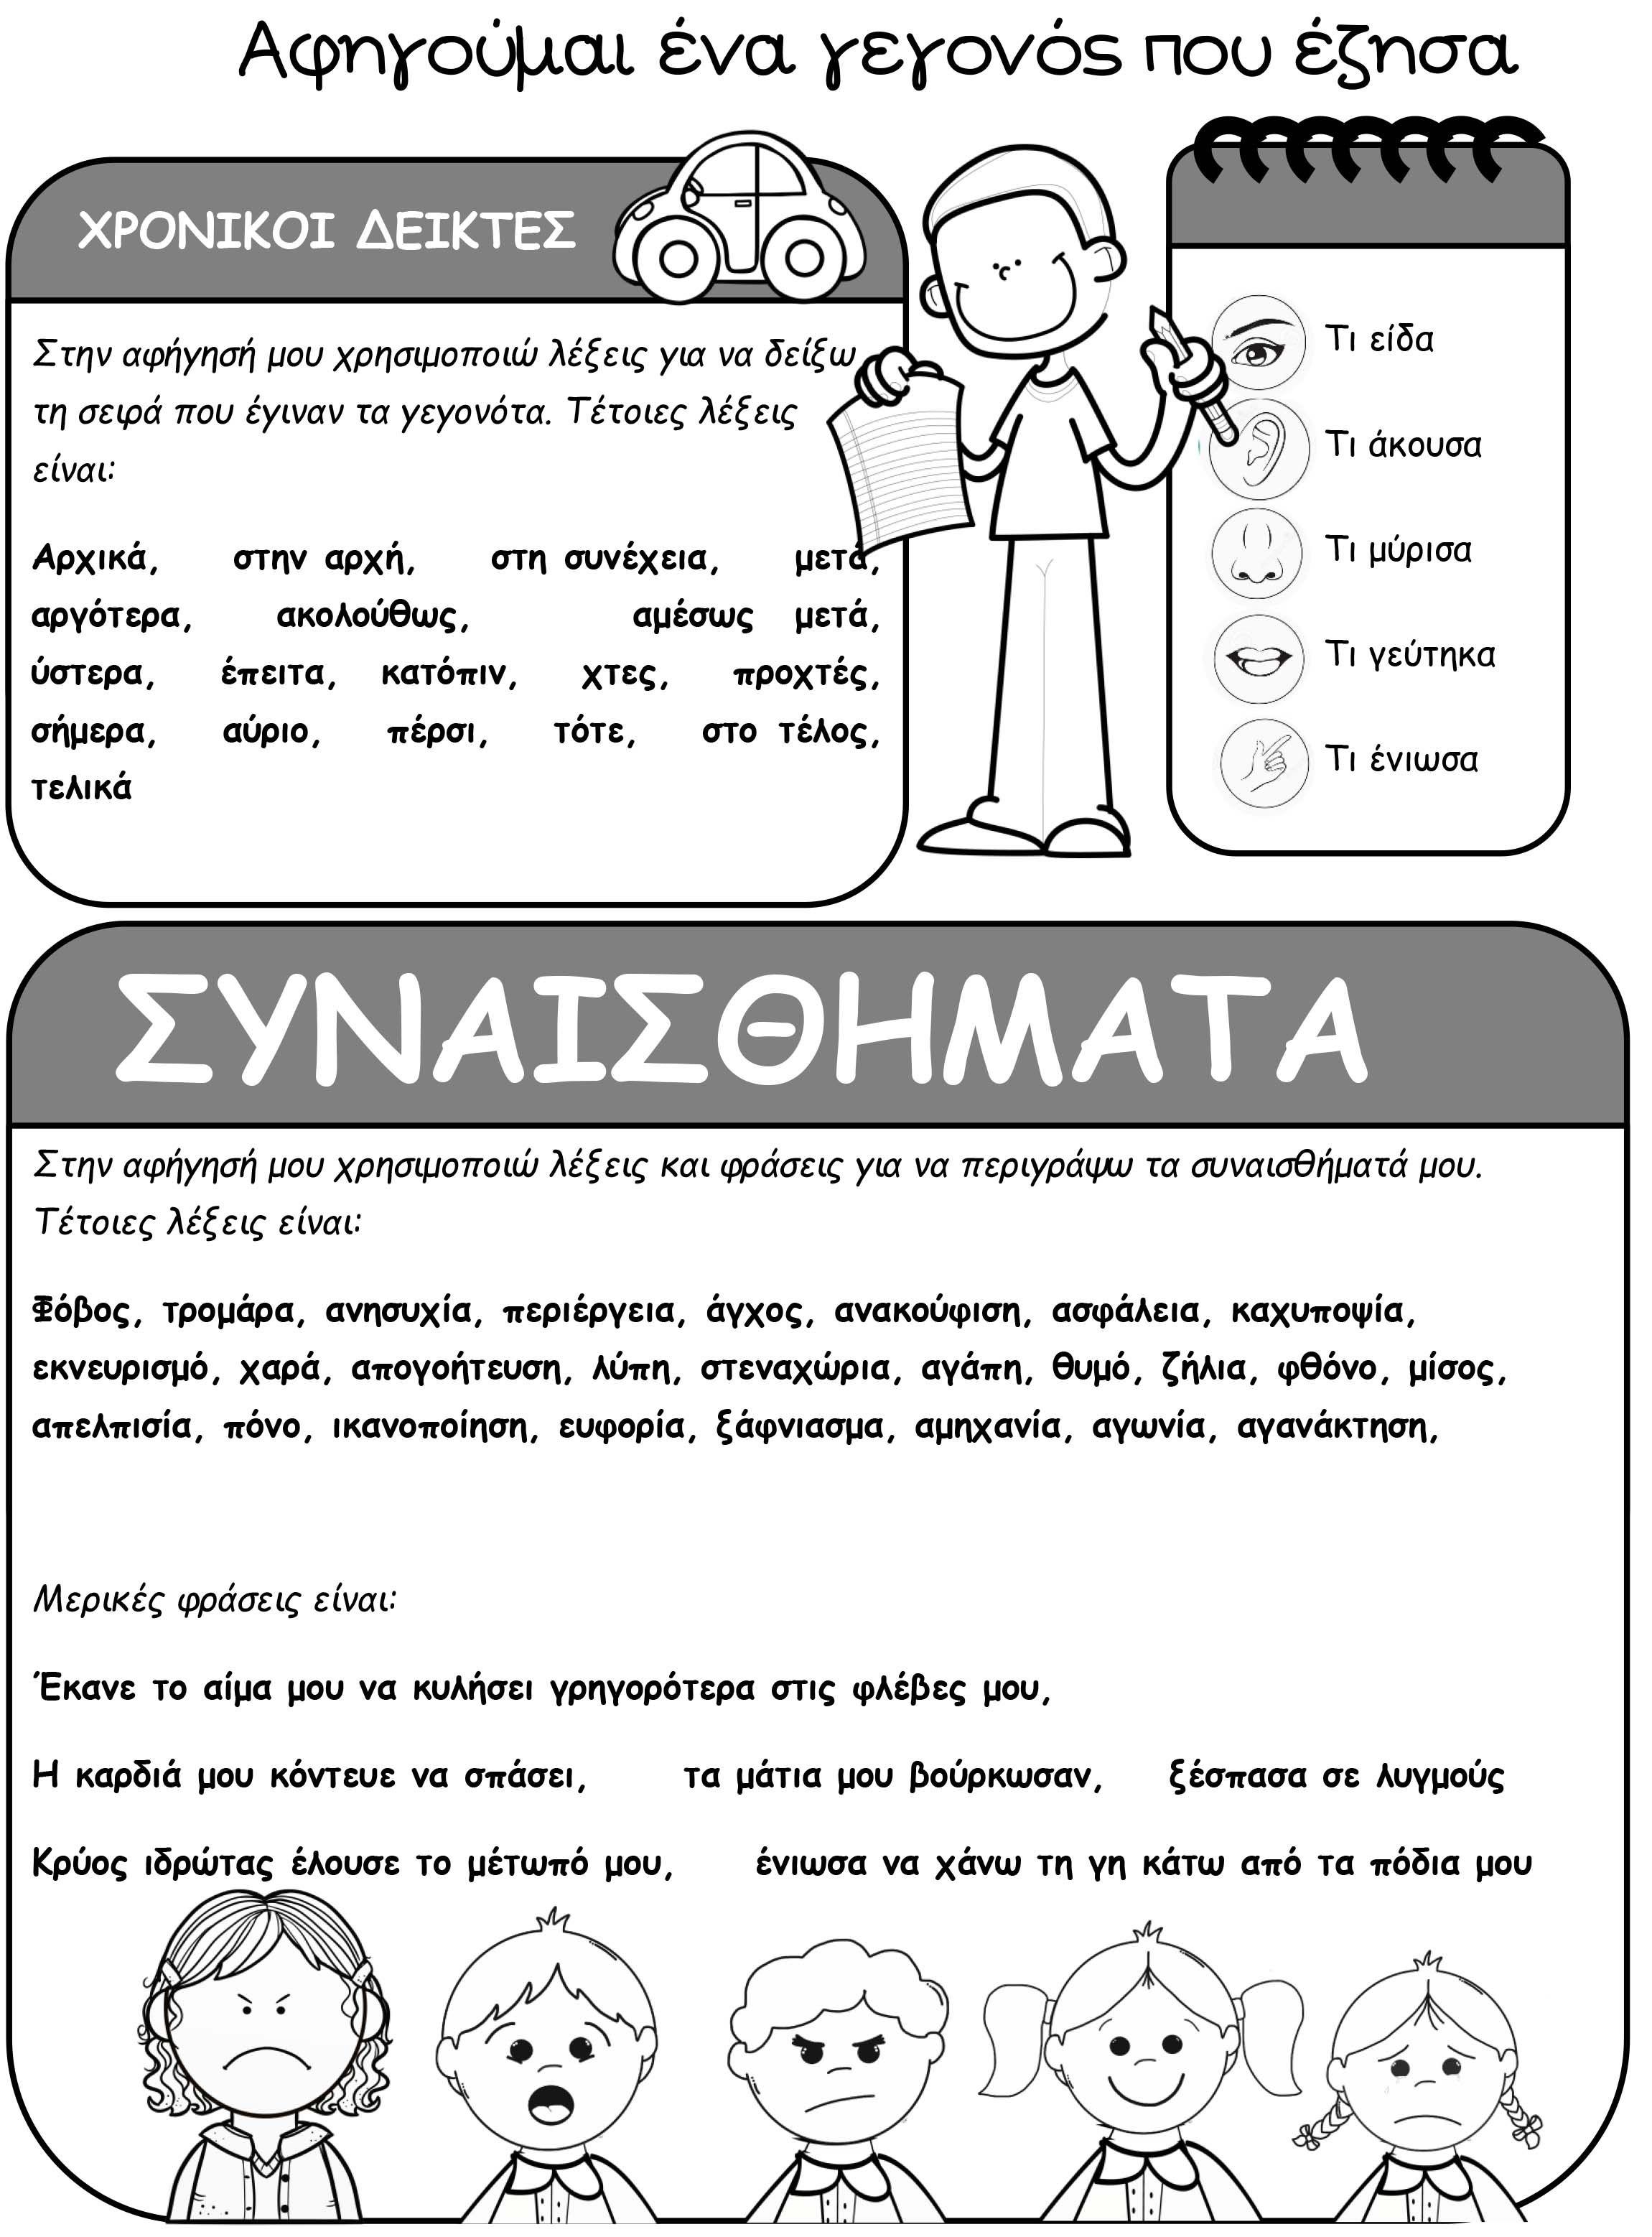 Λεξιλόγιο που μπορεί να χρησιμοποιηθεί σε αφηγηματικό κείμενο.